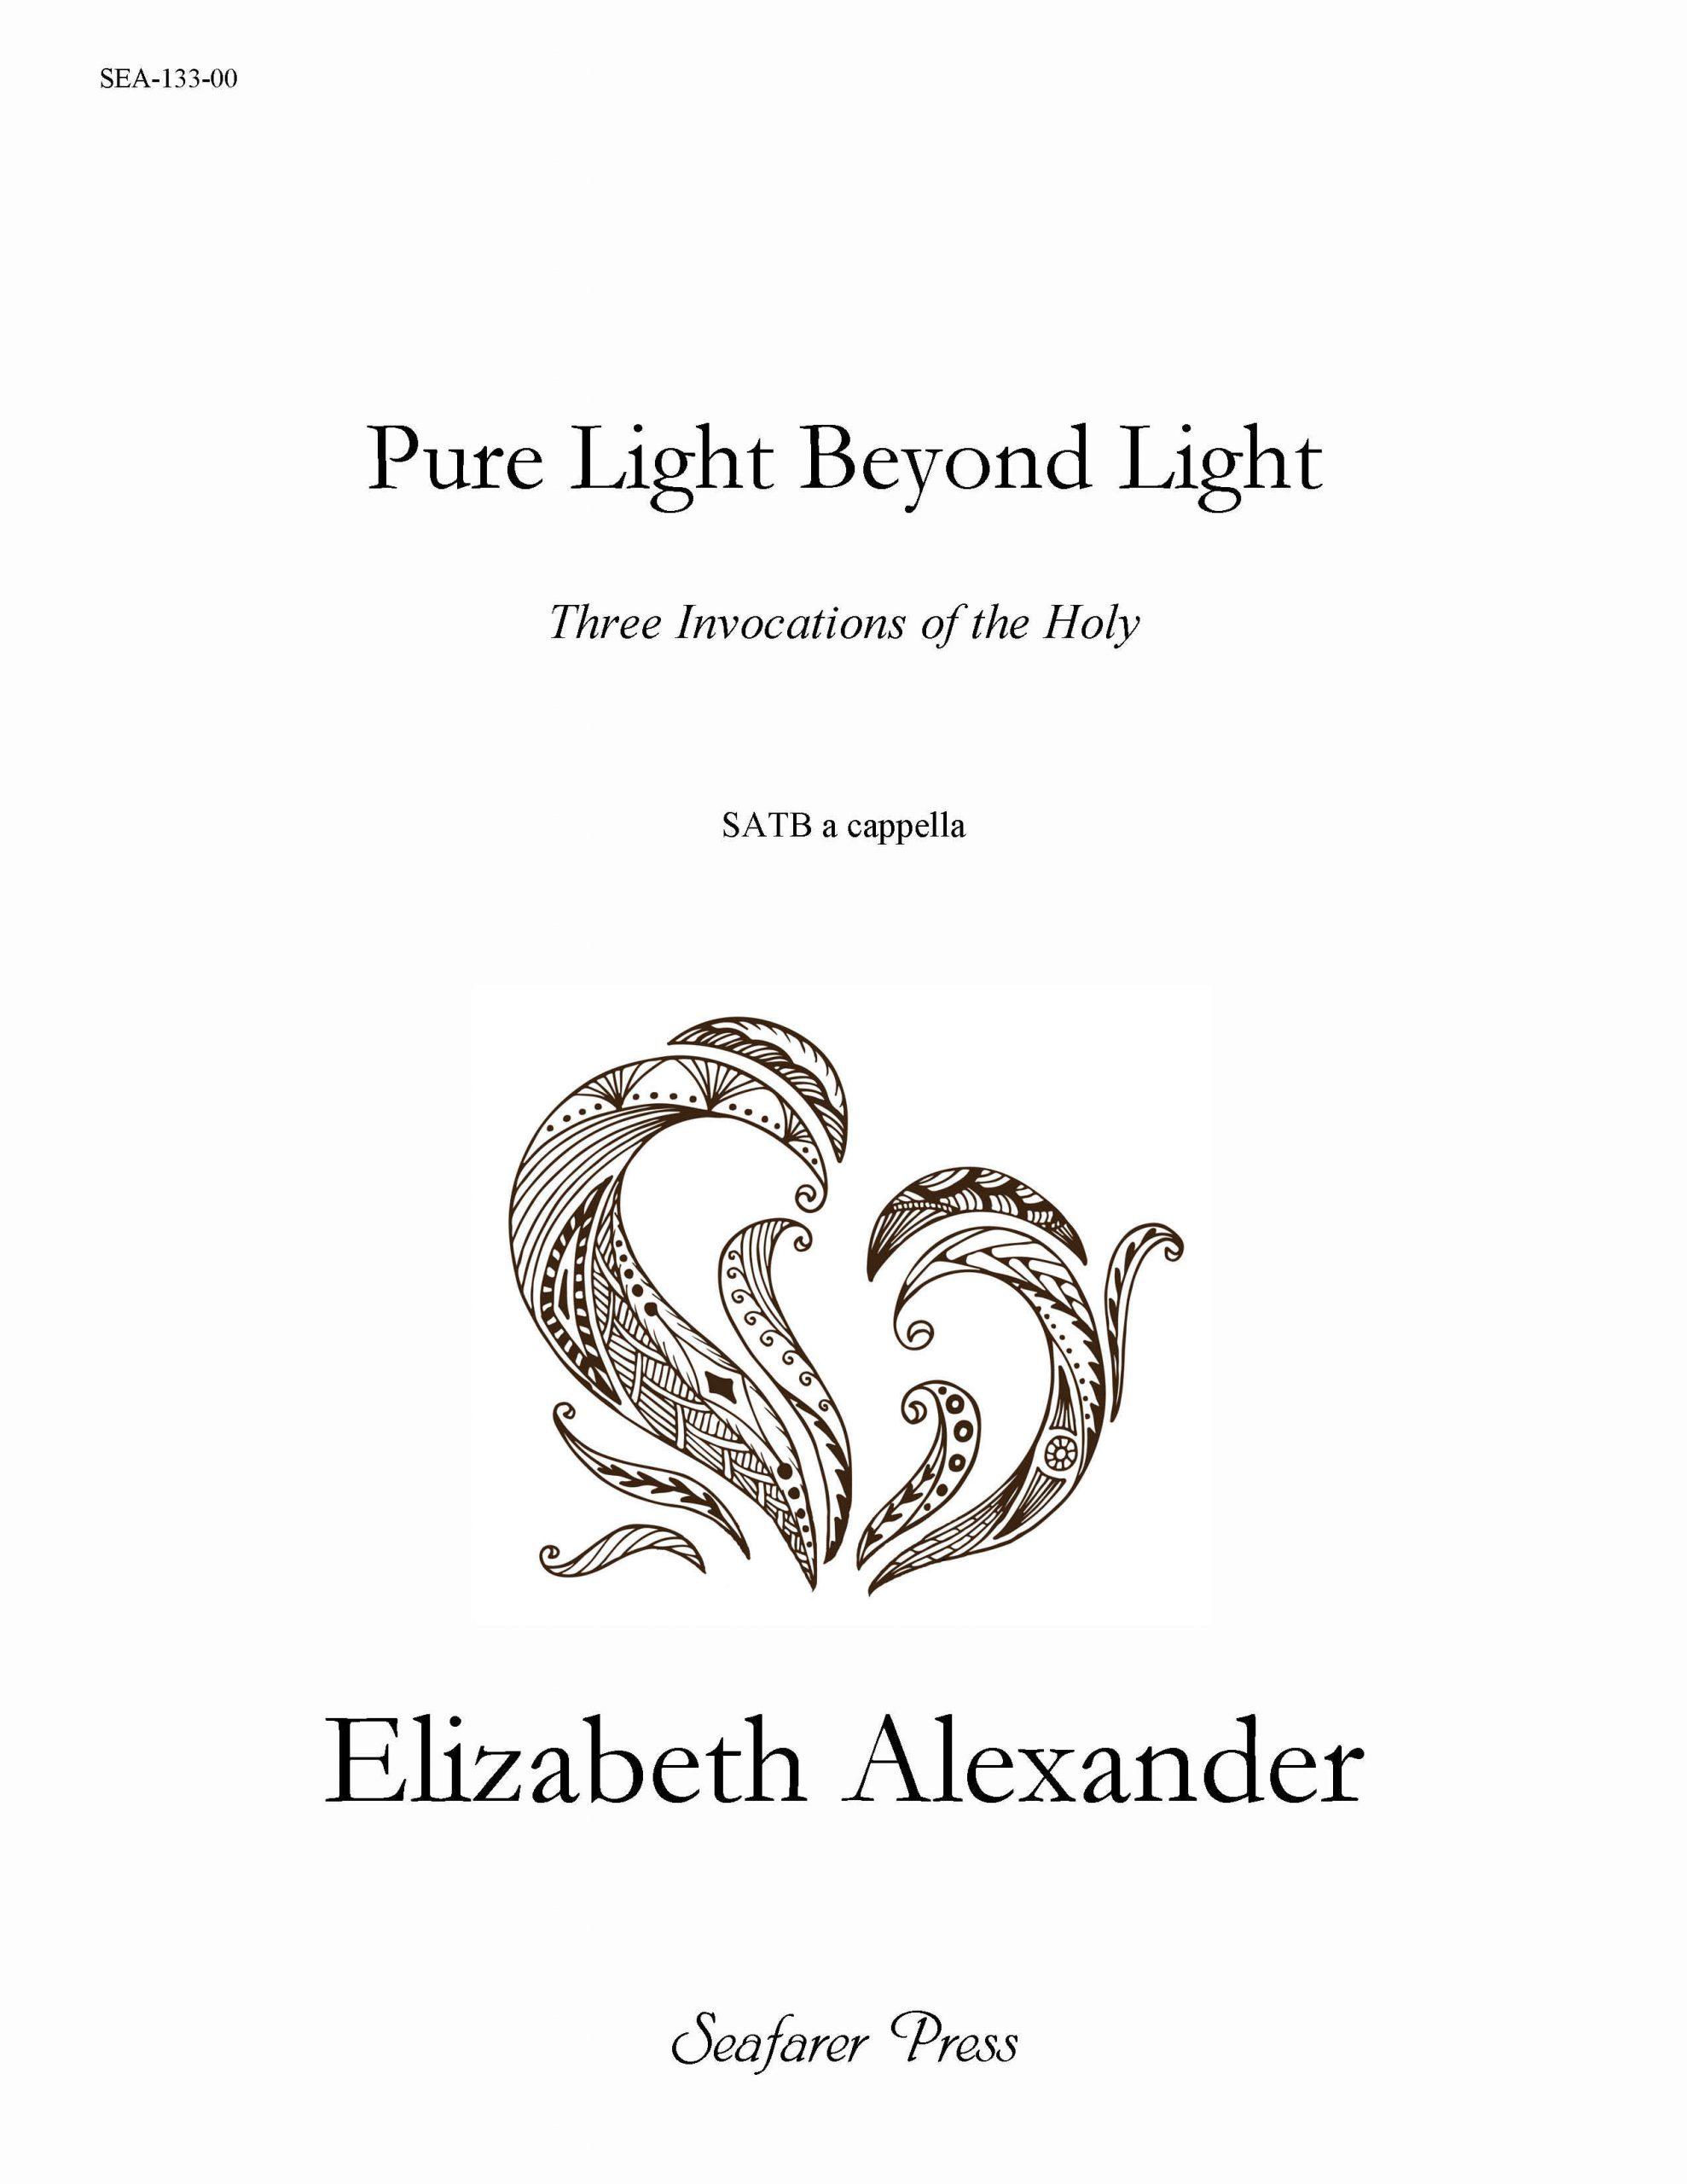 SEA-133-00 - Pure Light Beyond Light